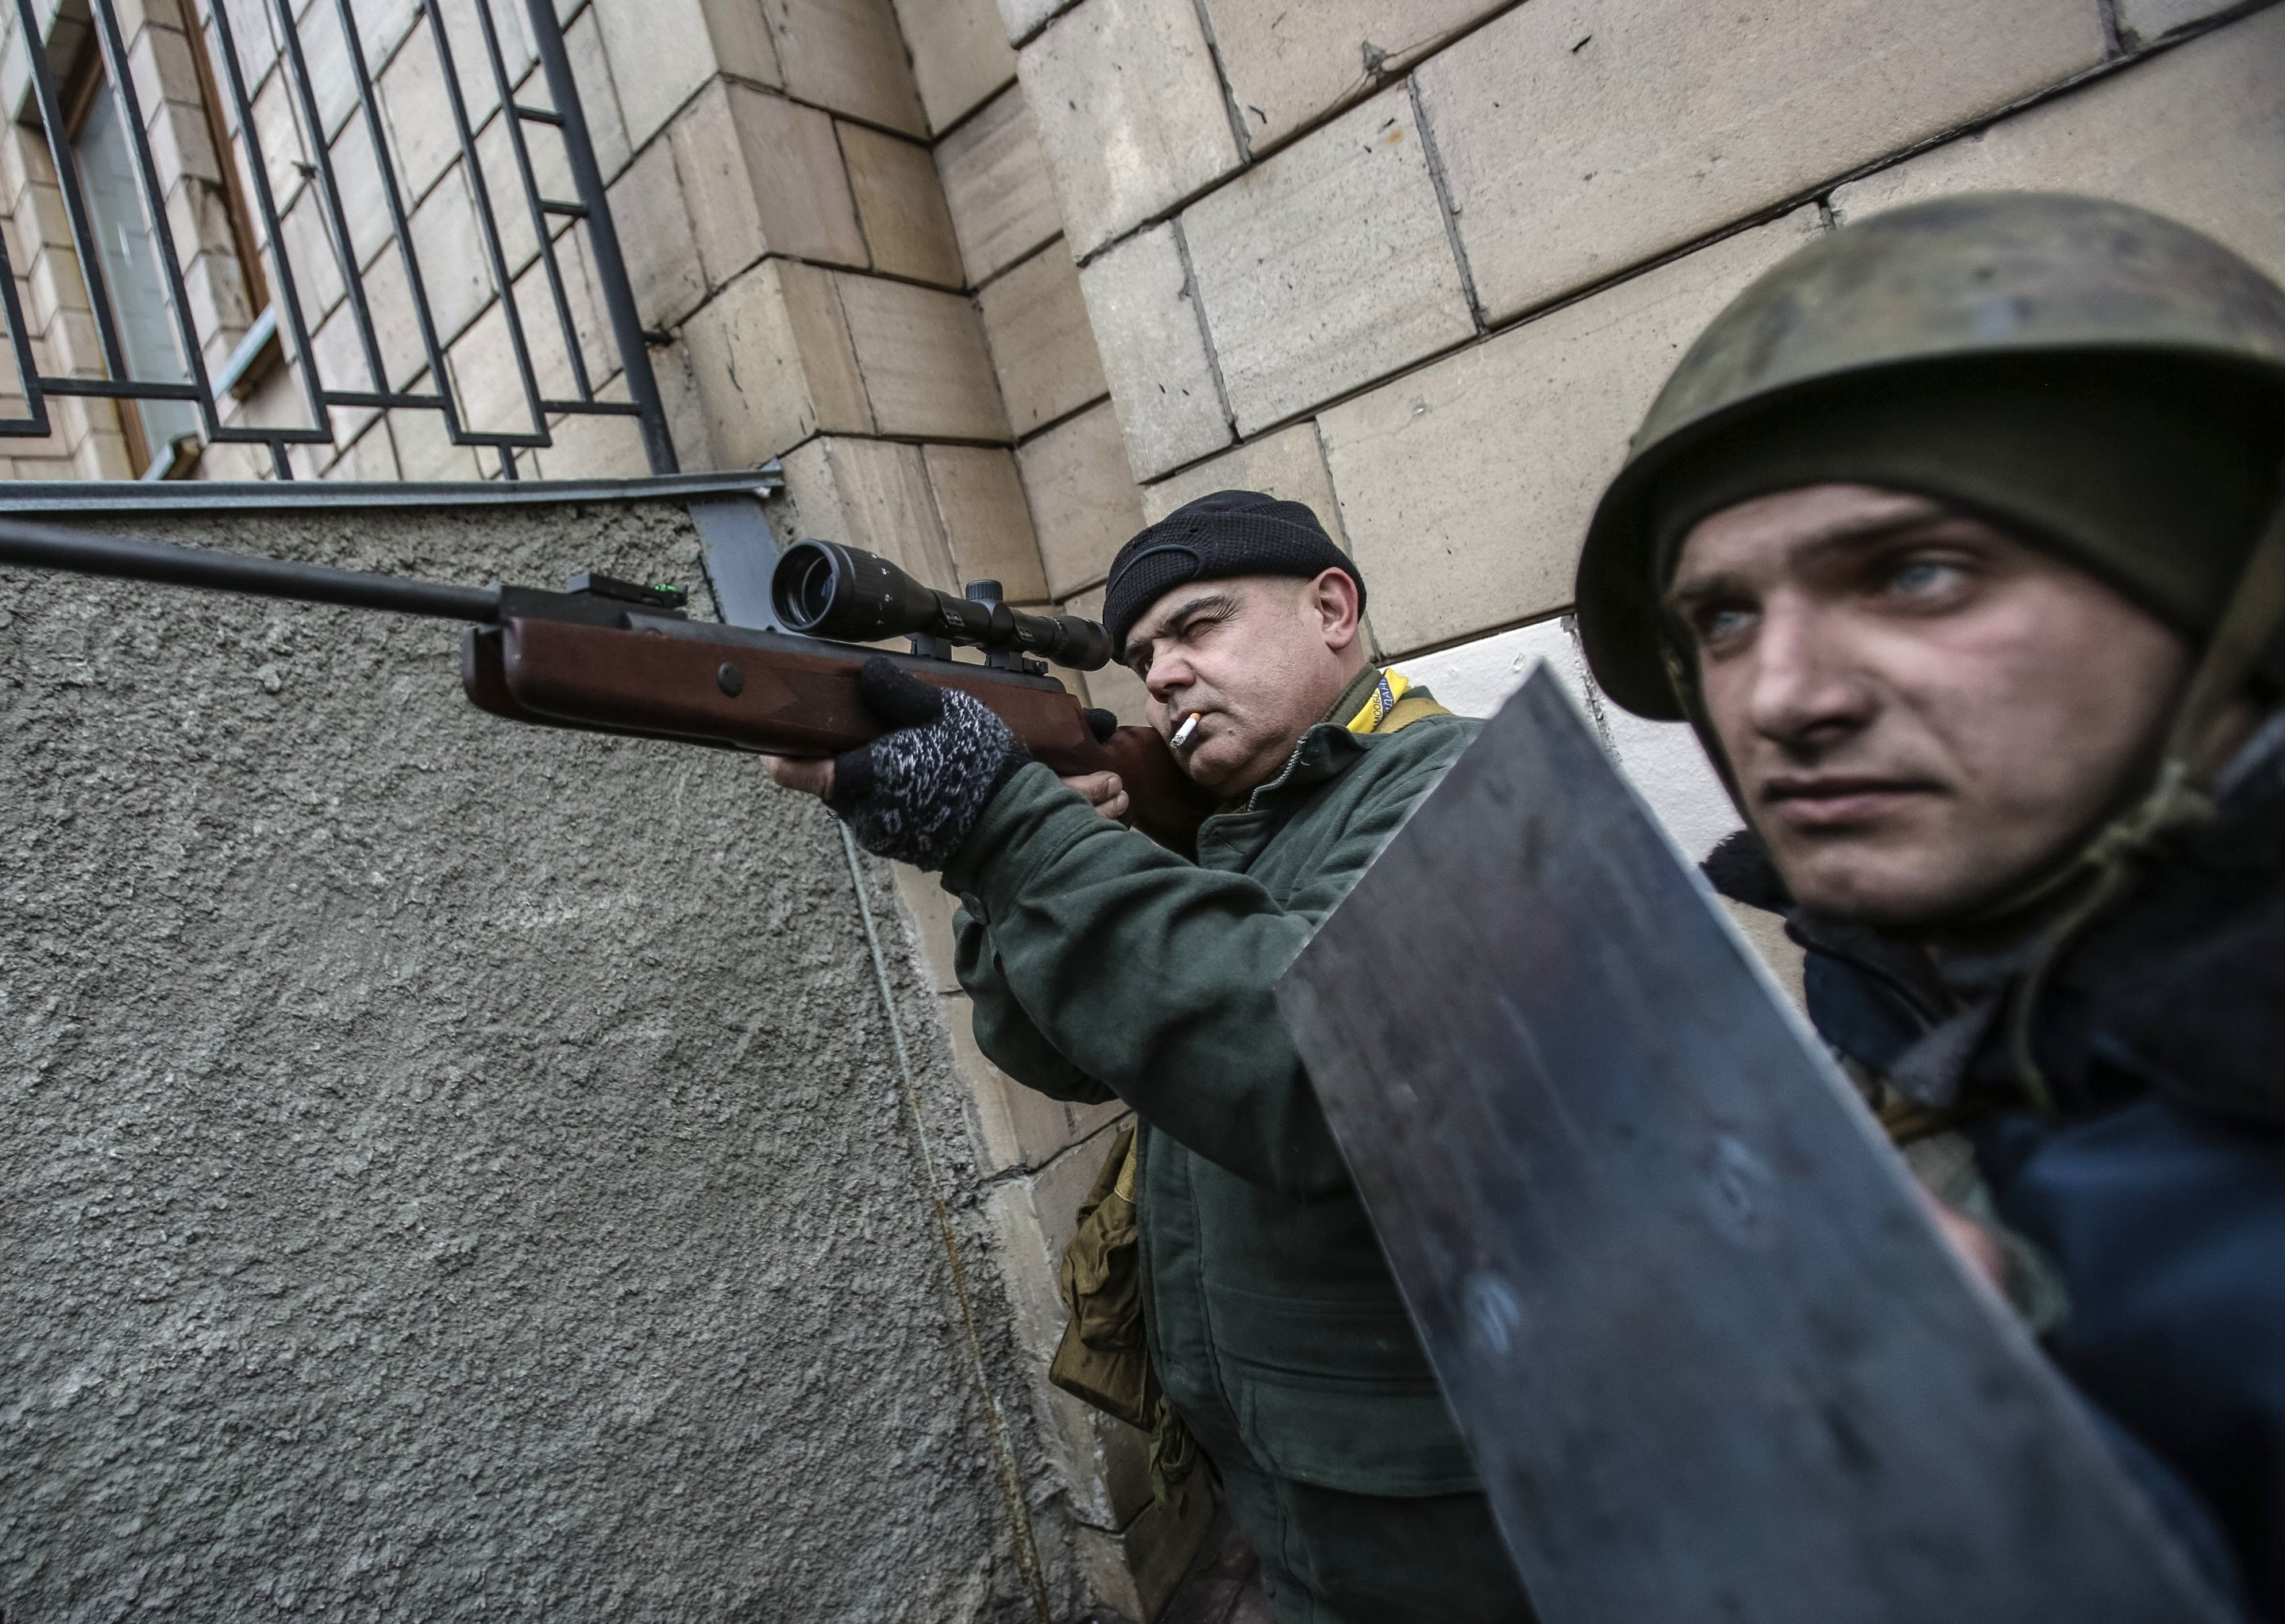 Сторонники оппозиции с оружием на площади Независимости в Киеве, архивное фото